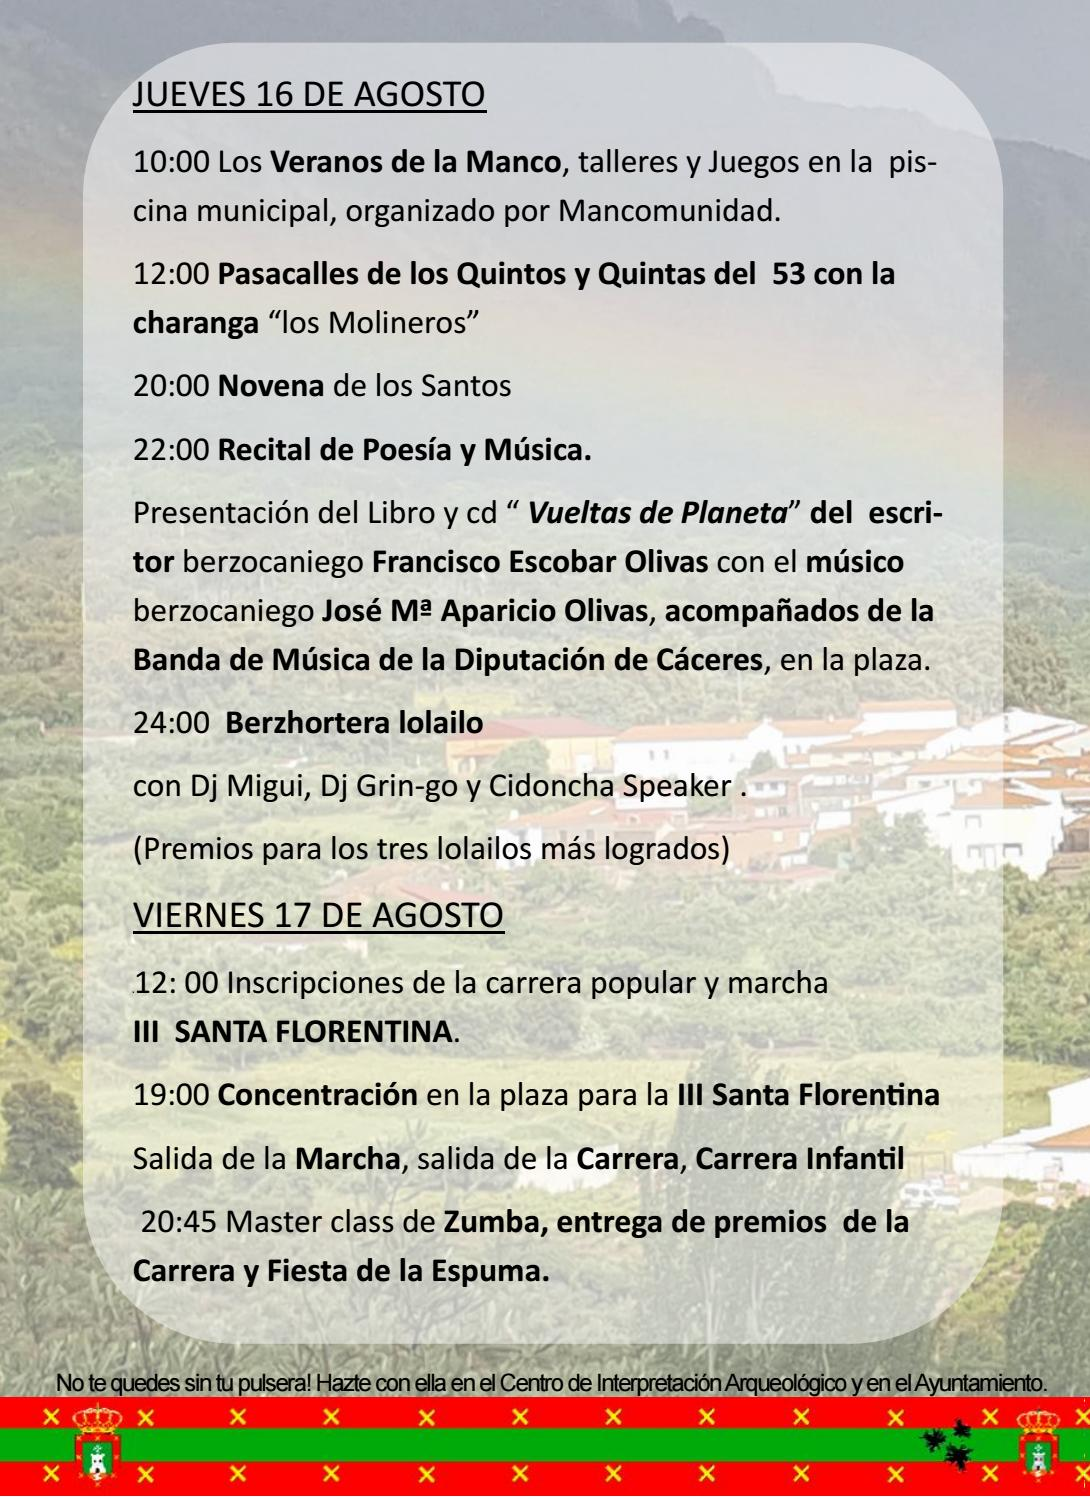 Programa de fiestas en honor a San Fulgencio y Santa Florentina 2018 - Berzocana 6